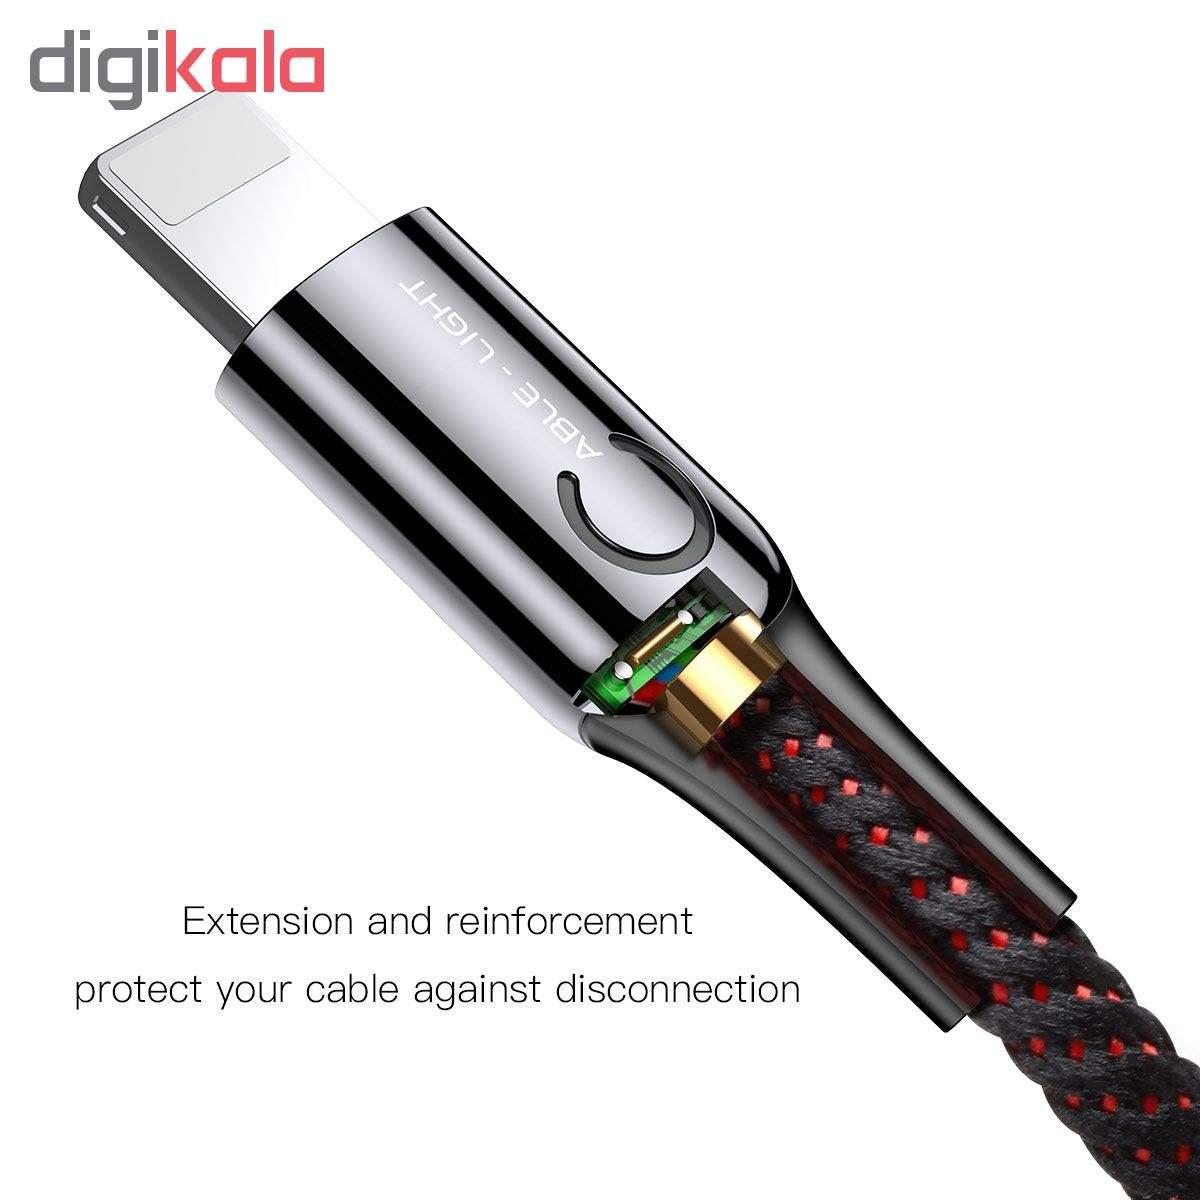 کابل تبدیل USB به لایتنینگ باسئوس مدل CALCD-01 طول 1 متر main 1 2